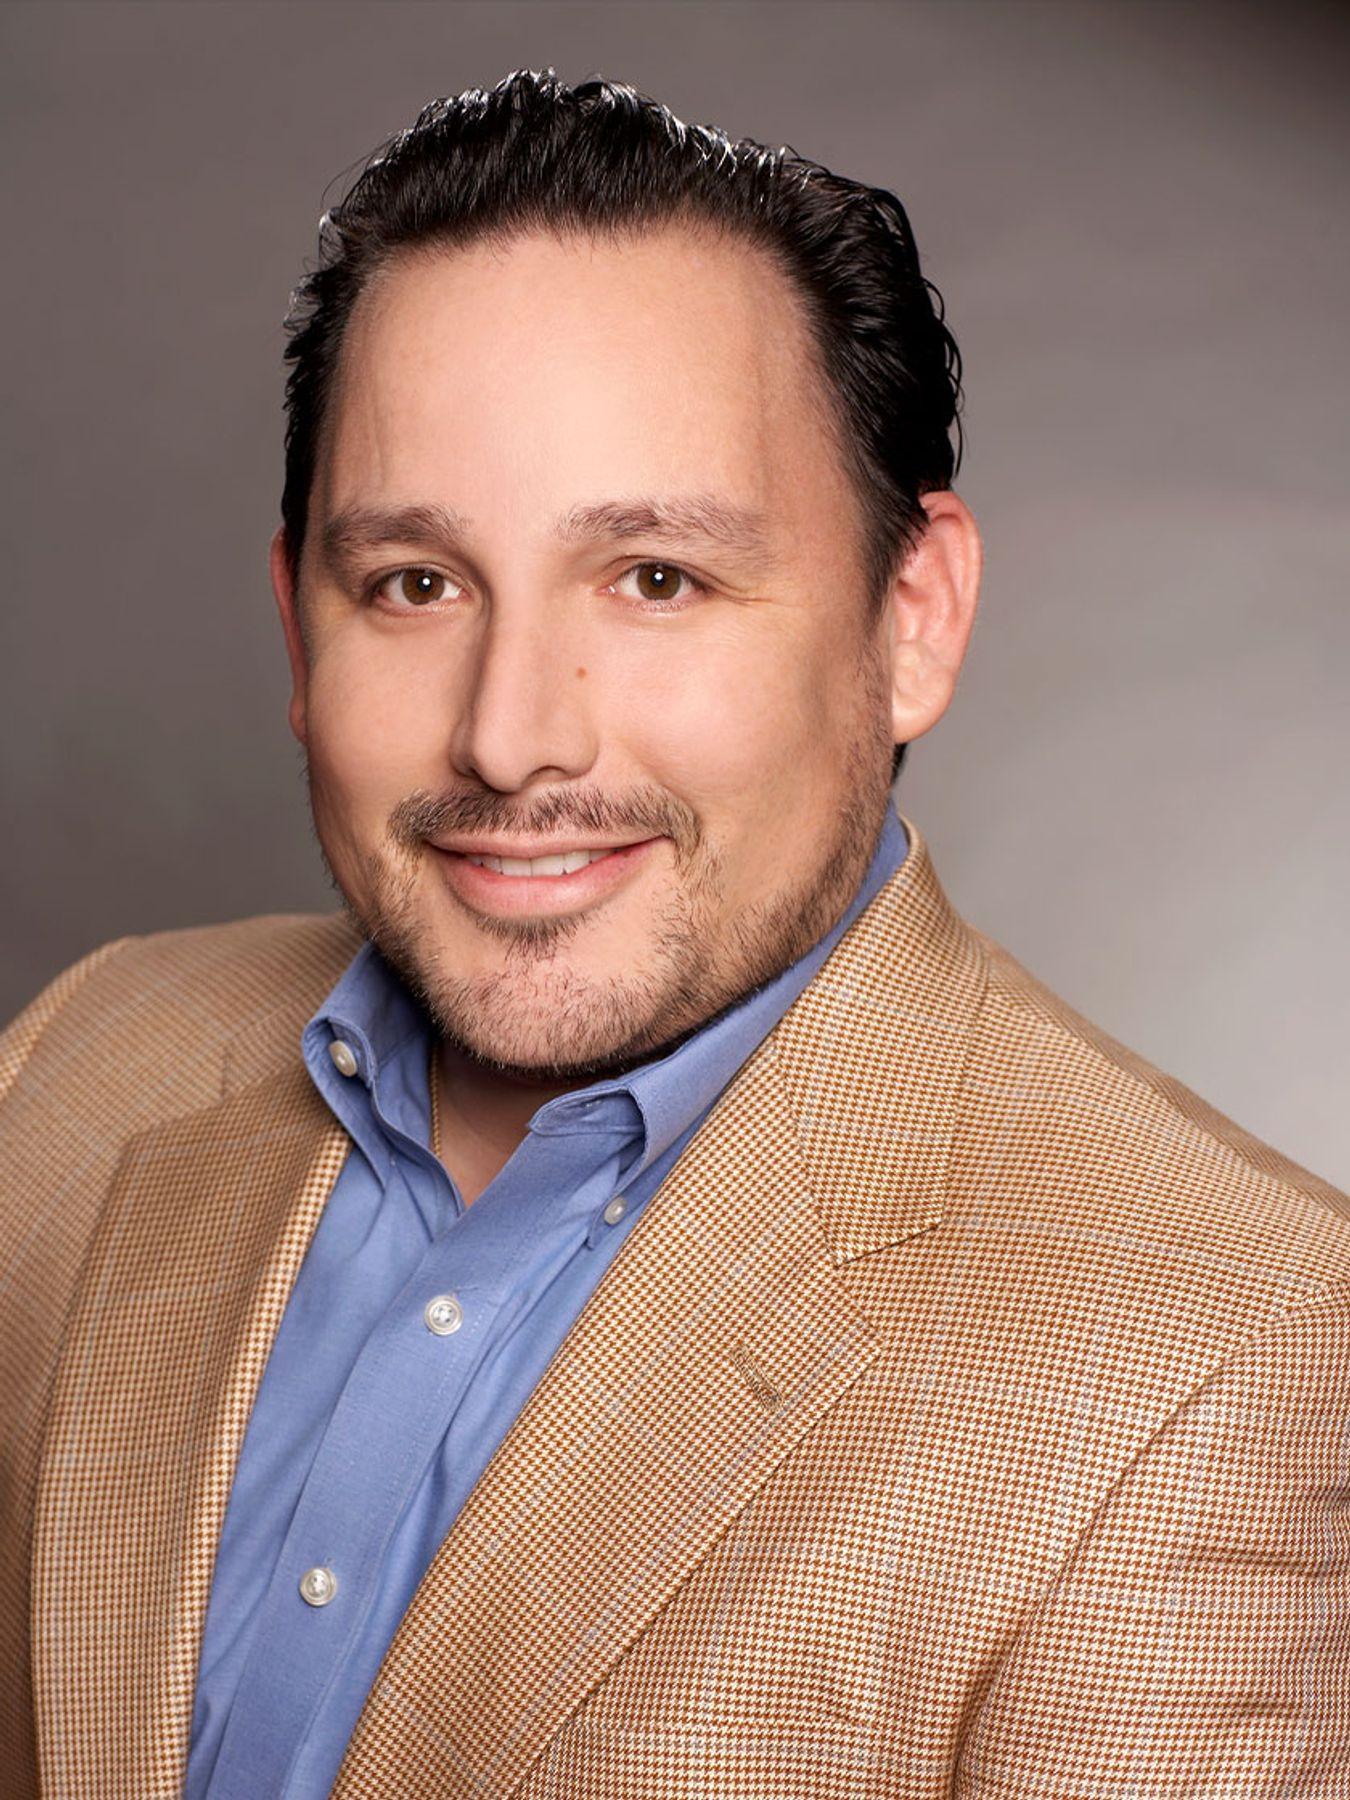 Oscar C Hernandez